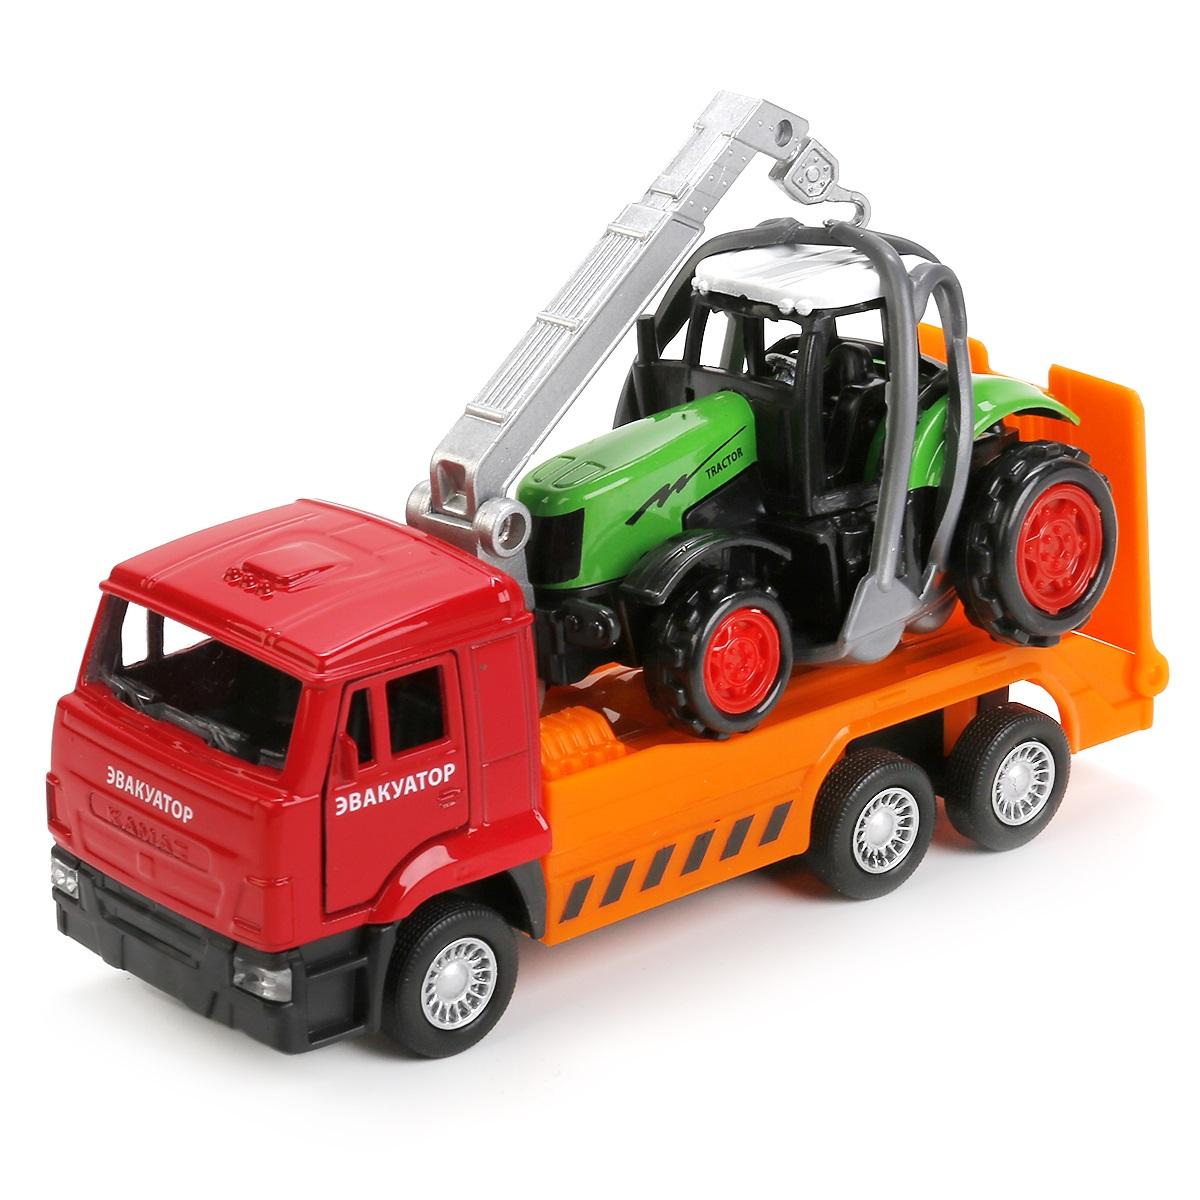 Купить Набор Камаз эвакуатор 12, 5 см и трактор 7, 5 см, металлический инерционный, Технопарк